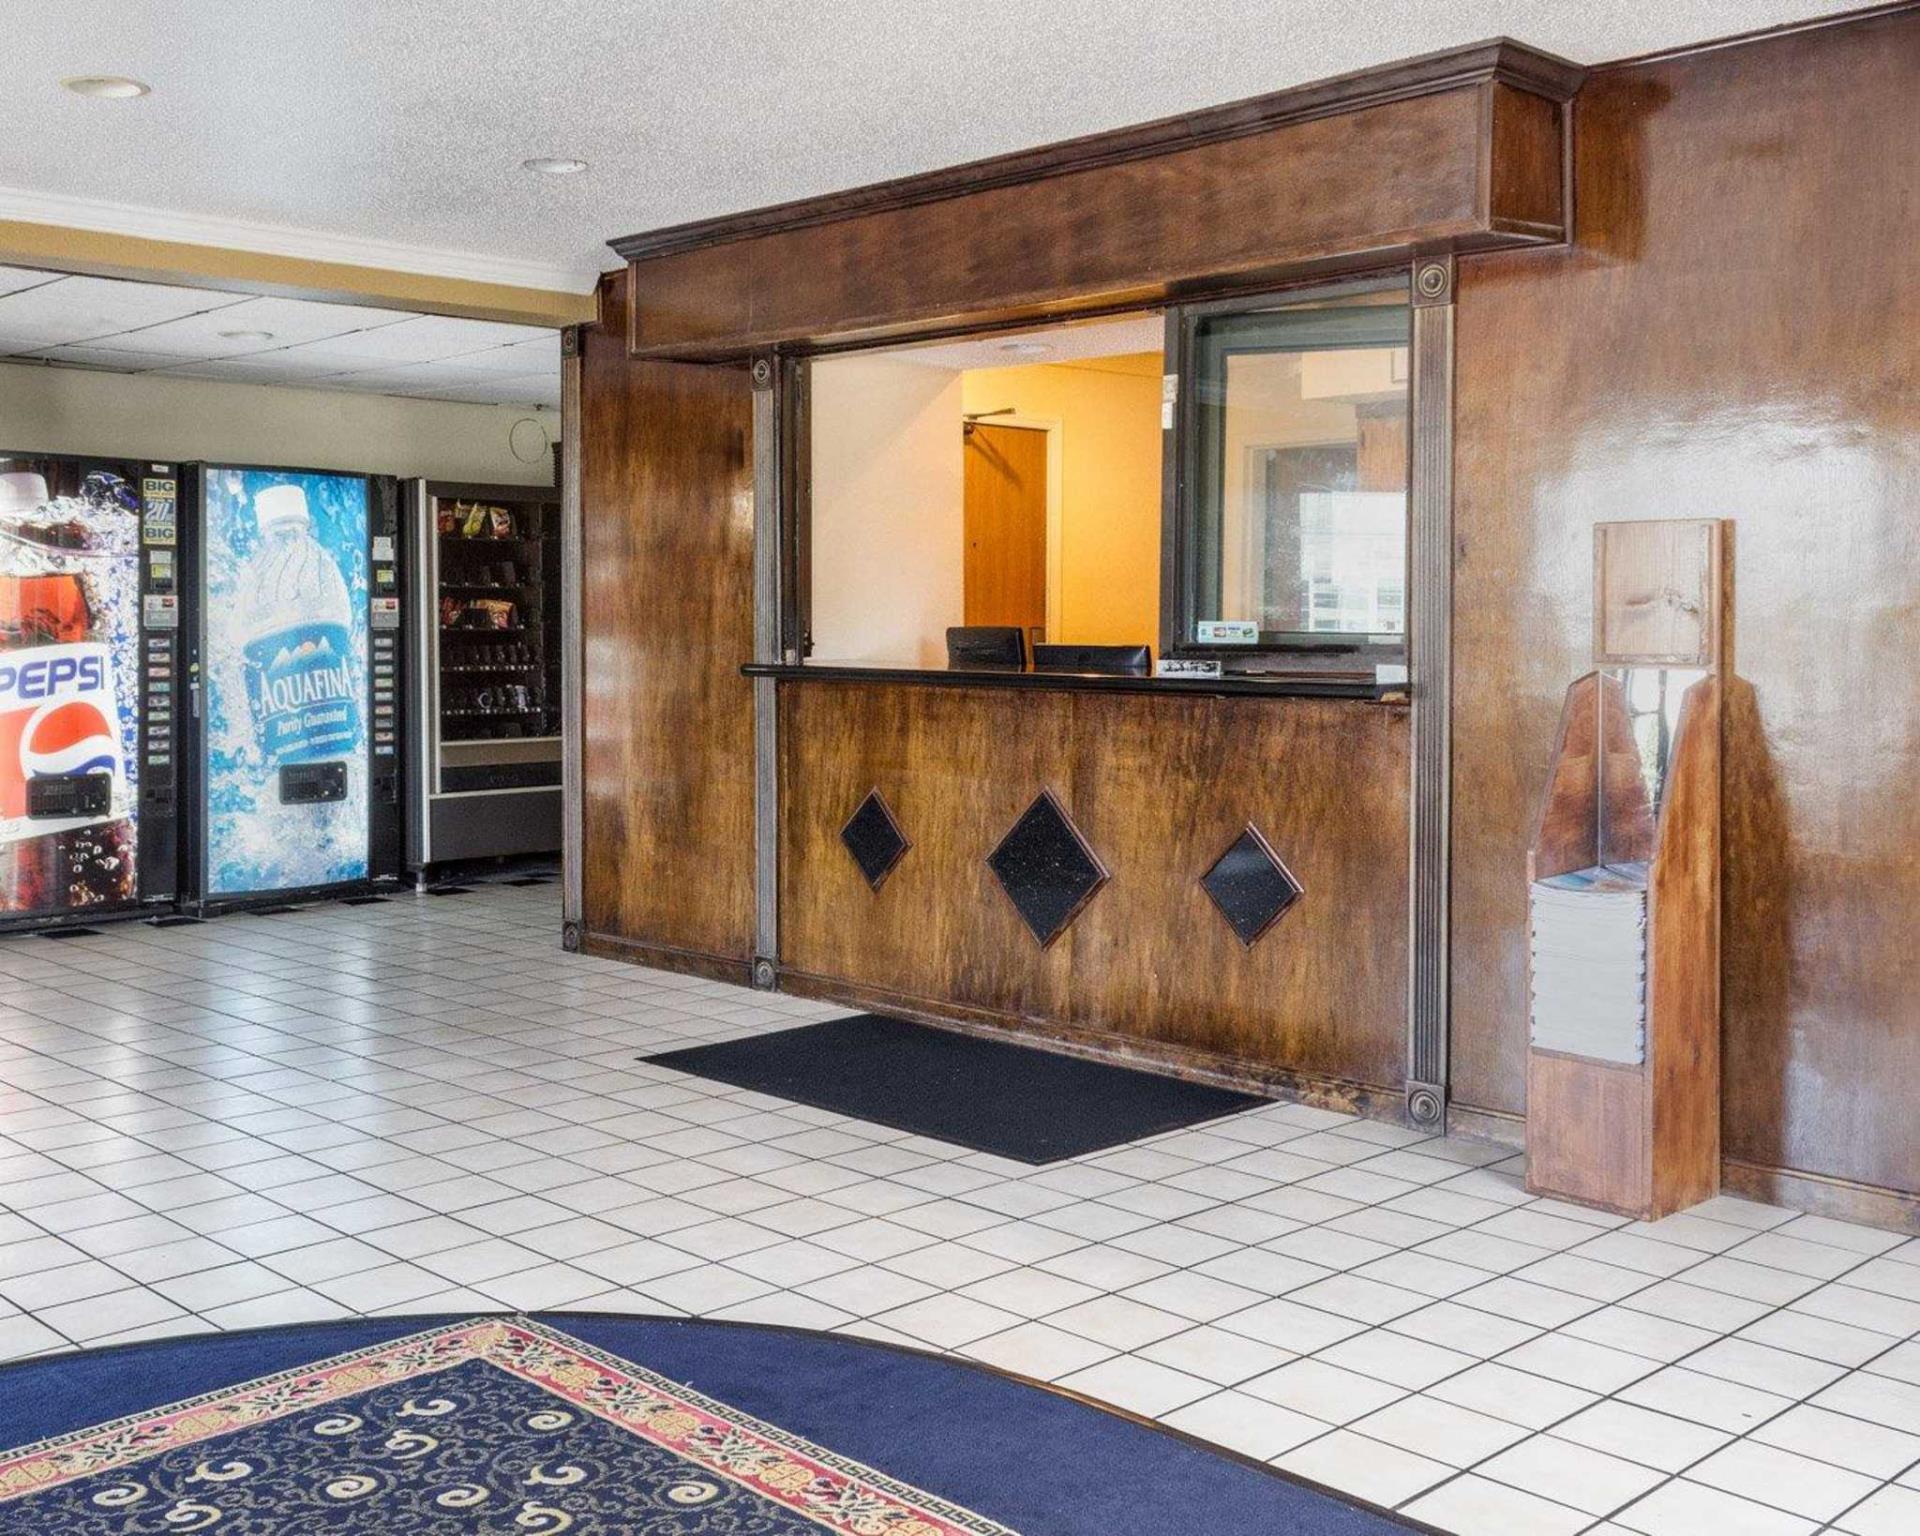 SureStay Hotel By Best Western Norfolk Little Creek